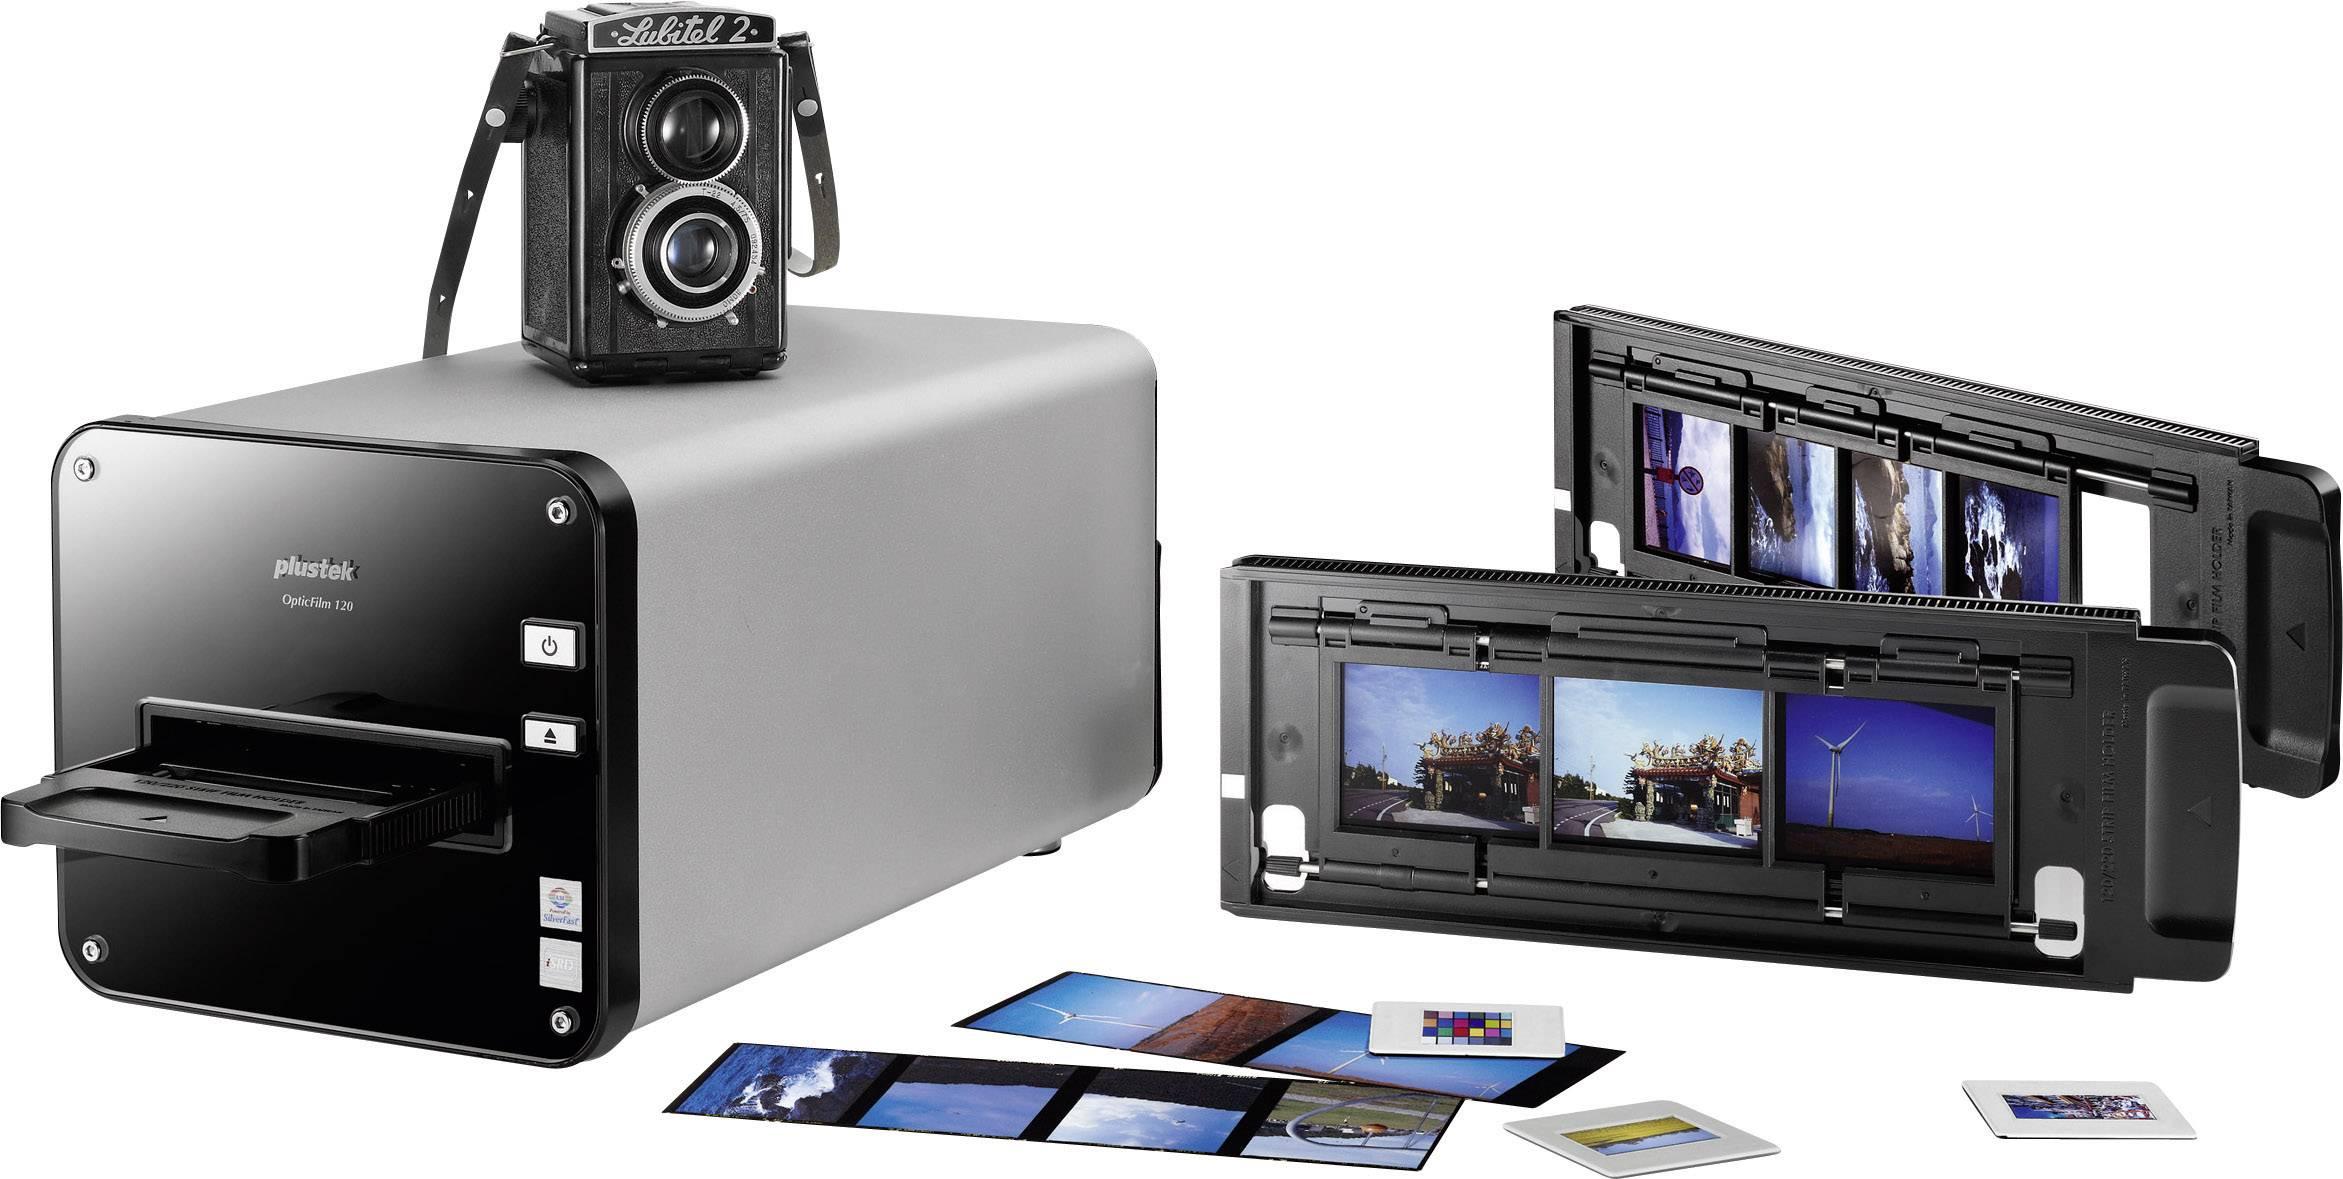 Skener diapozitívov, skener negatívov na filmy stredného formátu, Plustek OpticFilm 120